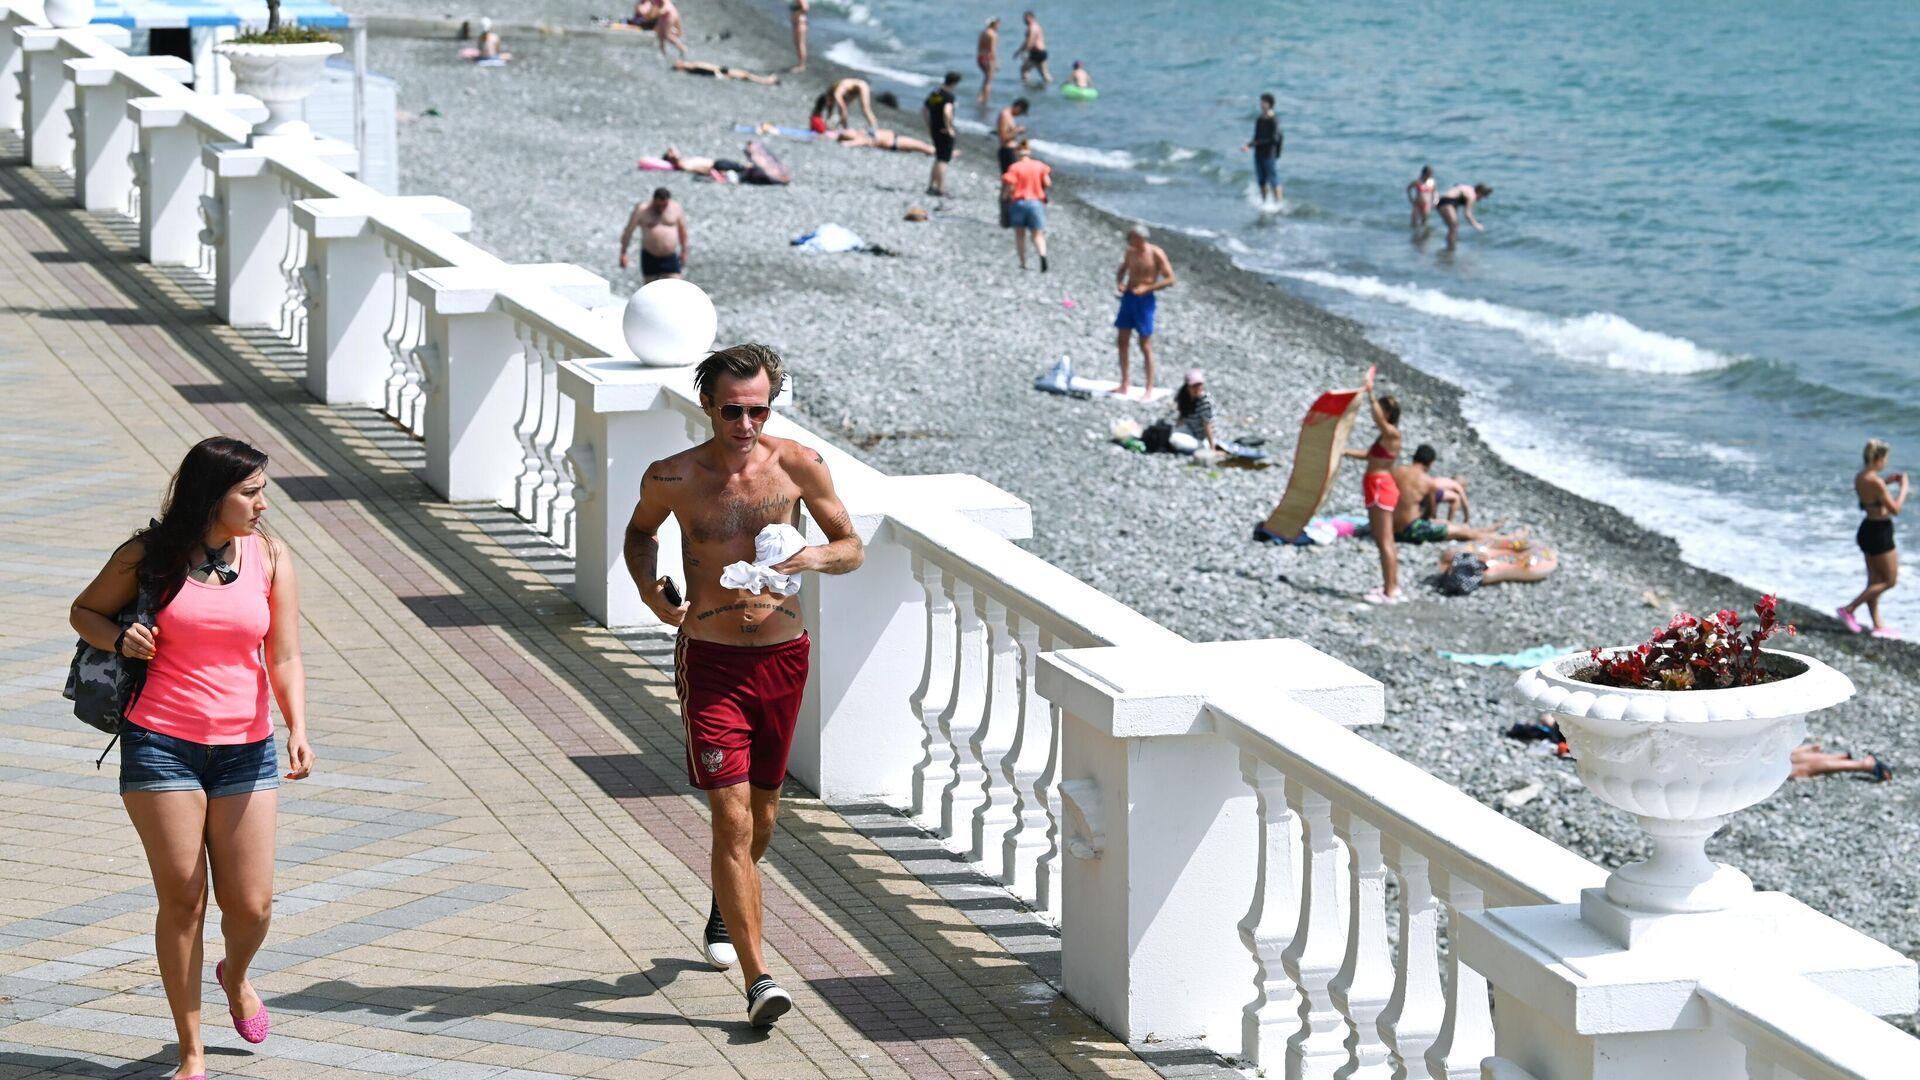 Отдыхающие на пляже в Центральном районе города Сочи - РИА Новости, 1920, 28.05.2021